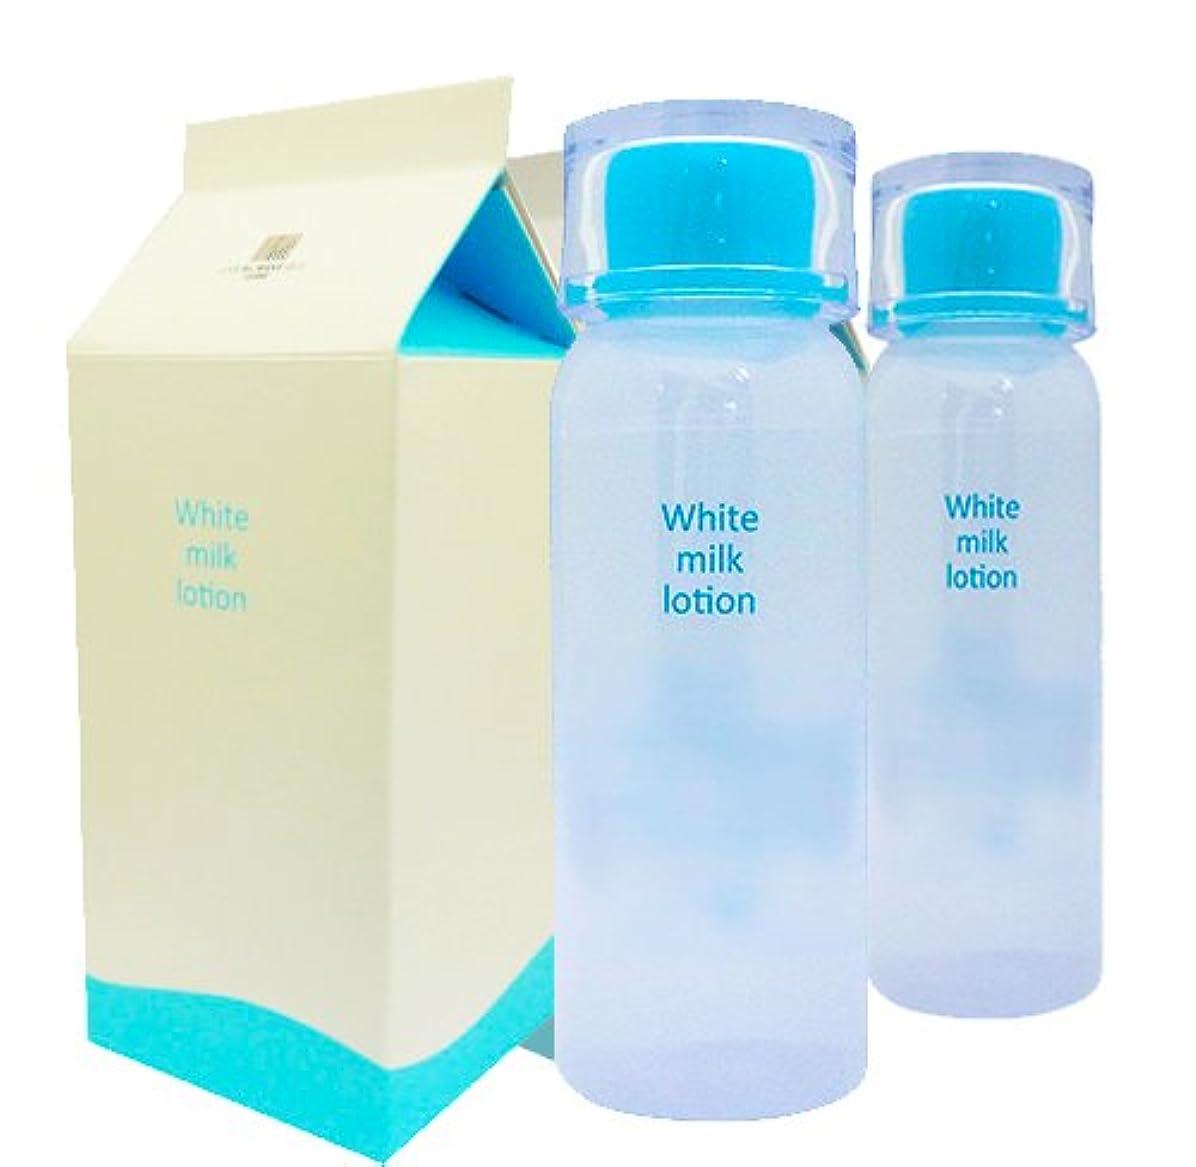 ポンド耕す【2個セット】ホワイトミルクローション 120ml Re:MAKE (牛乳ローション)ウユローション